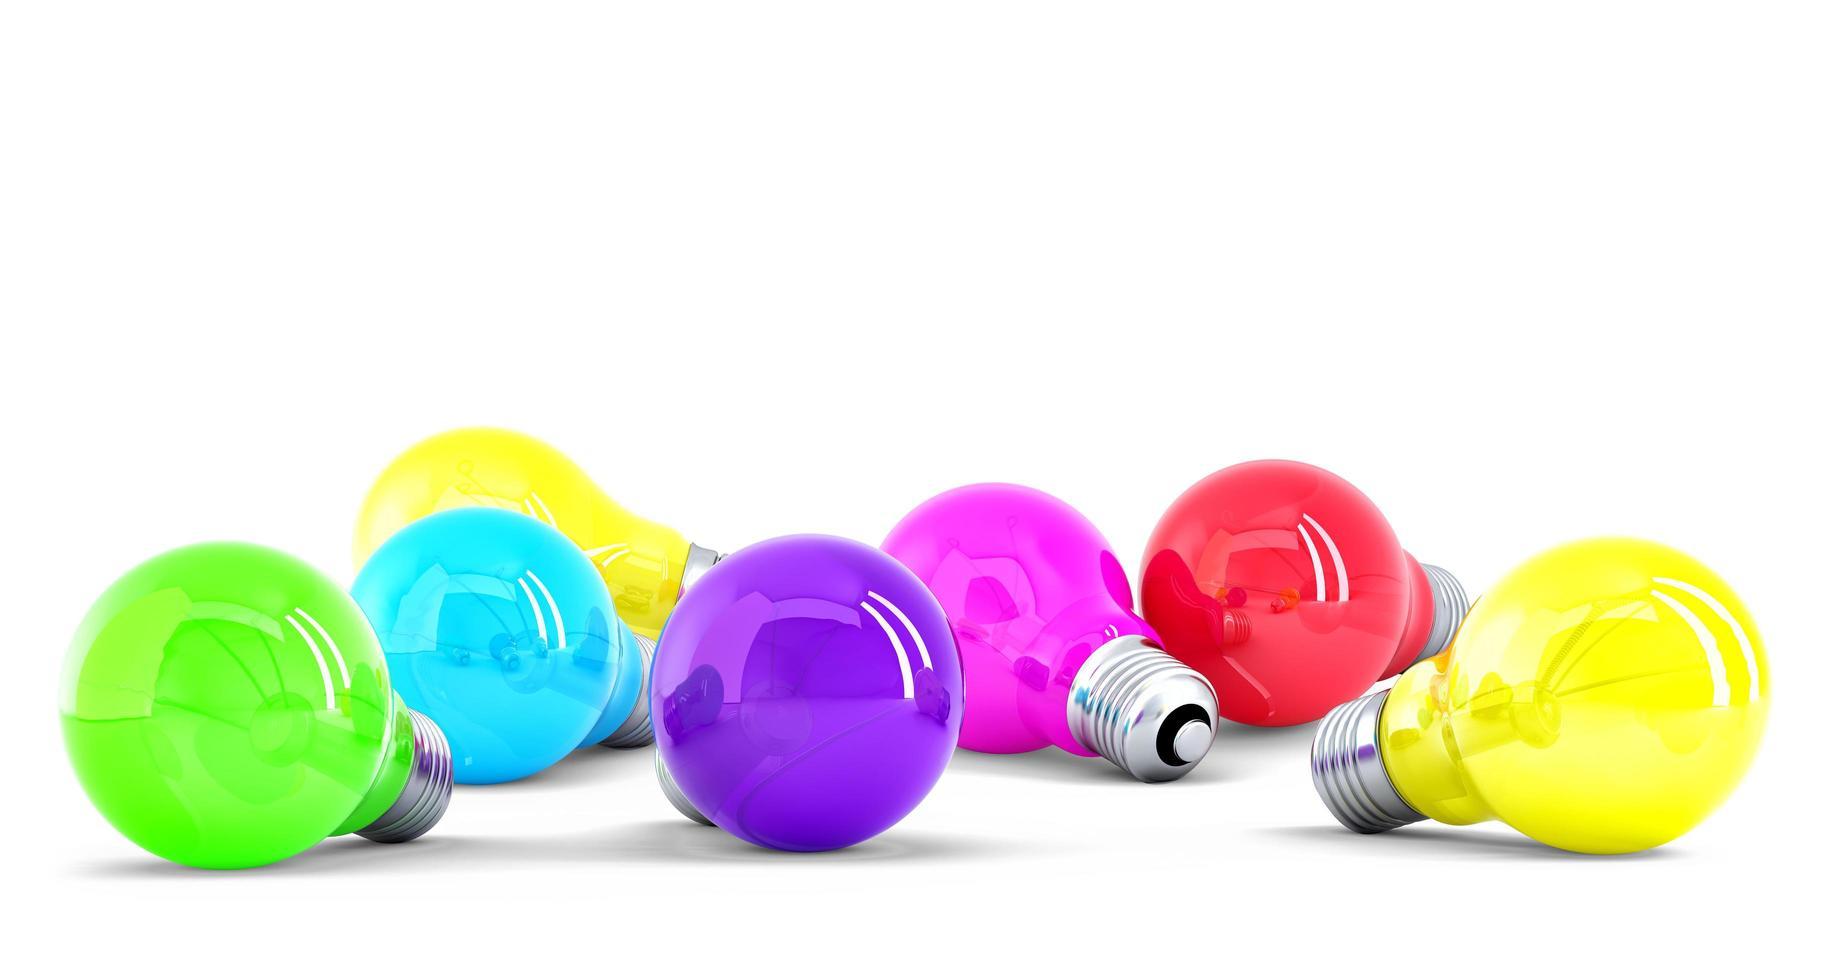 kleurrijke gloeilampen geïsoleerd op een witte achtergrond foto